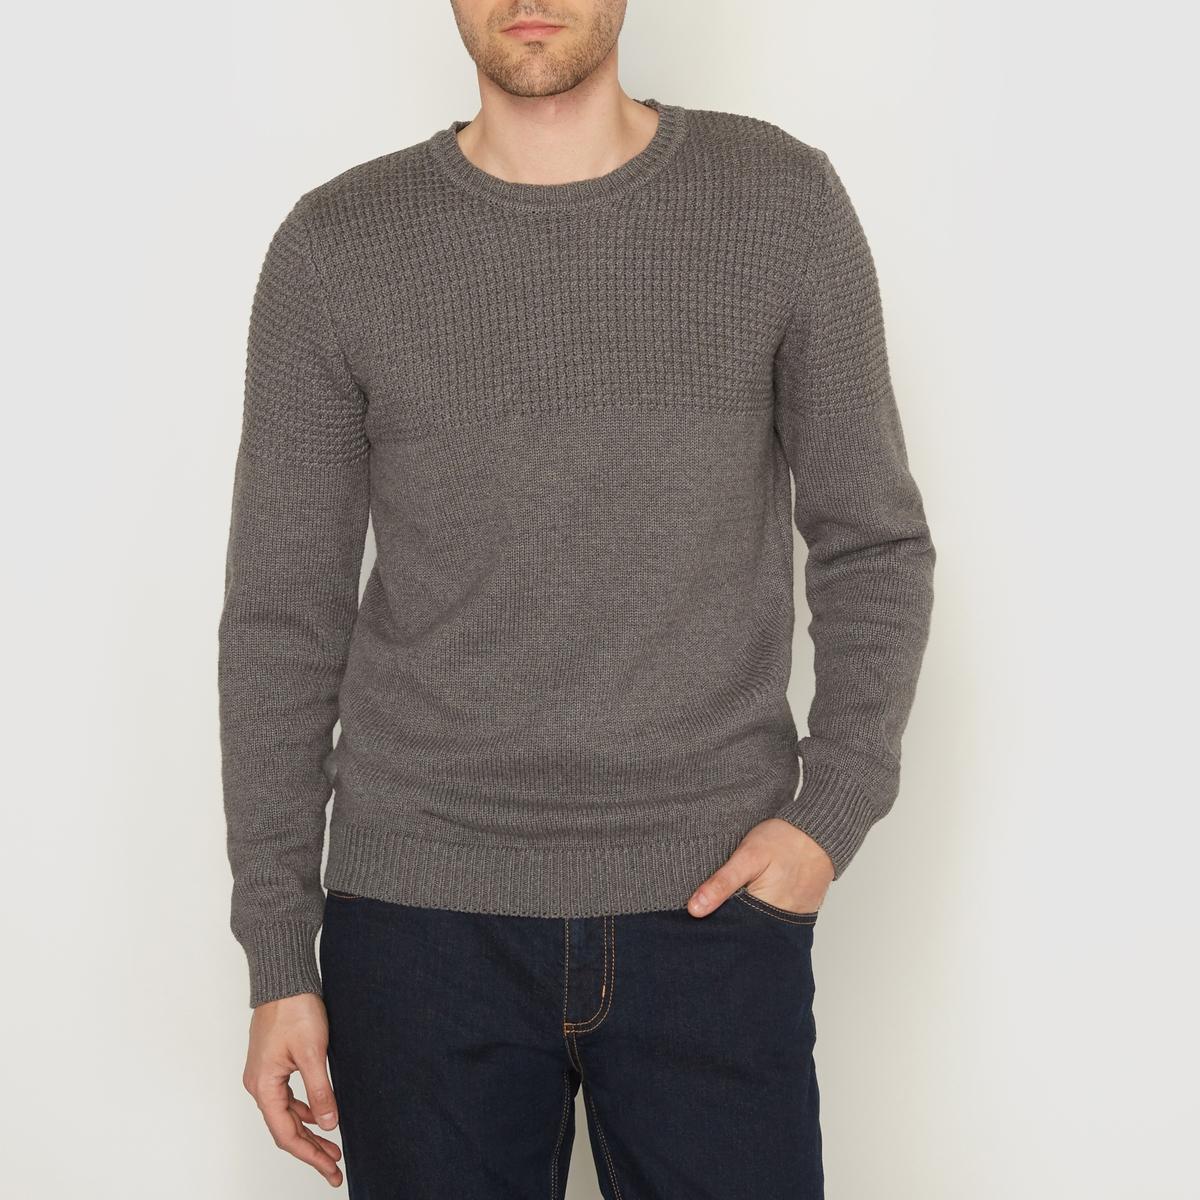 Пуловер из трикотажа мулинеСостав и описание:Материал: 100% хлопка.Длина: 68 см.Марка : R edition<br><br>Цвет: серый меланж<br>Размер: XXL.S